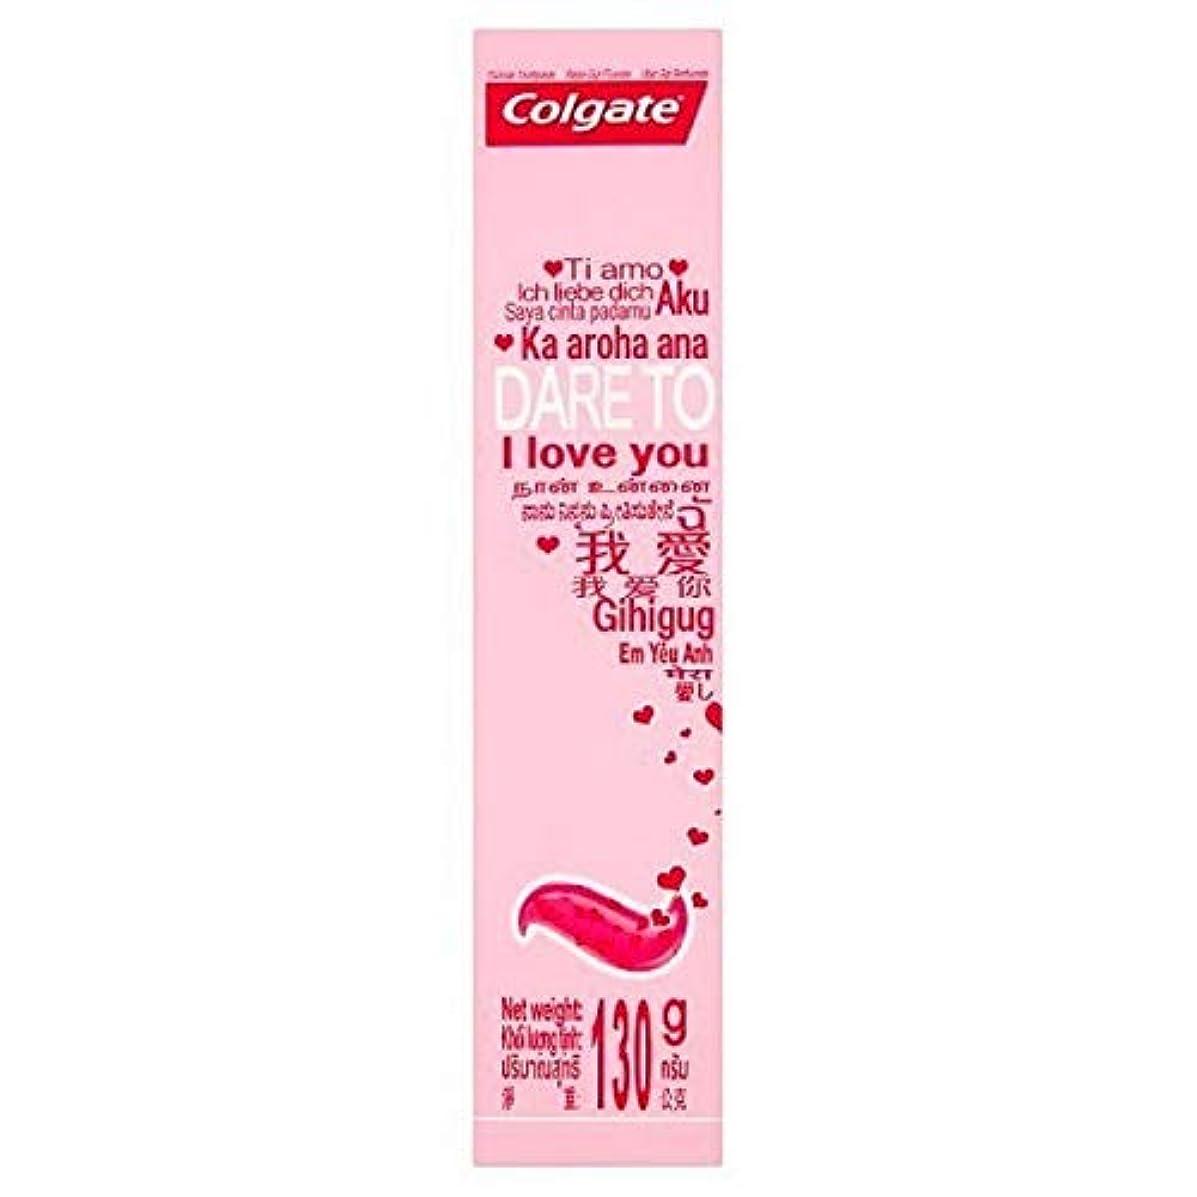 ギネスポーク素晴らしい[Colgate ] コルゲートは、歯磨き粉の130グラムを愛することを敢えて - Colgate Dare To Love Toothpaste 130g [並行輸入品]